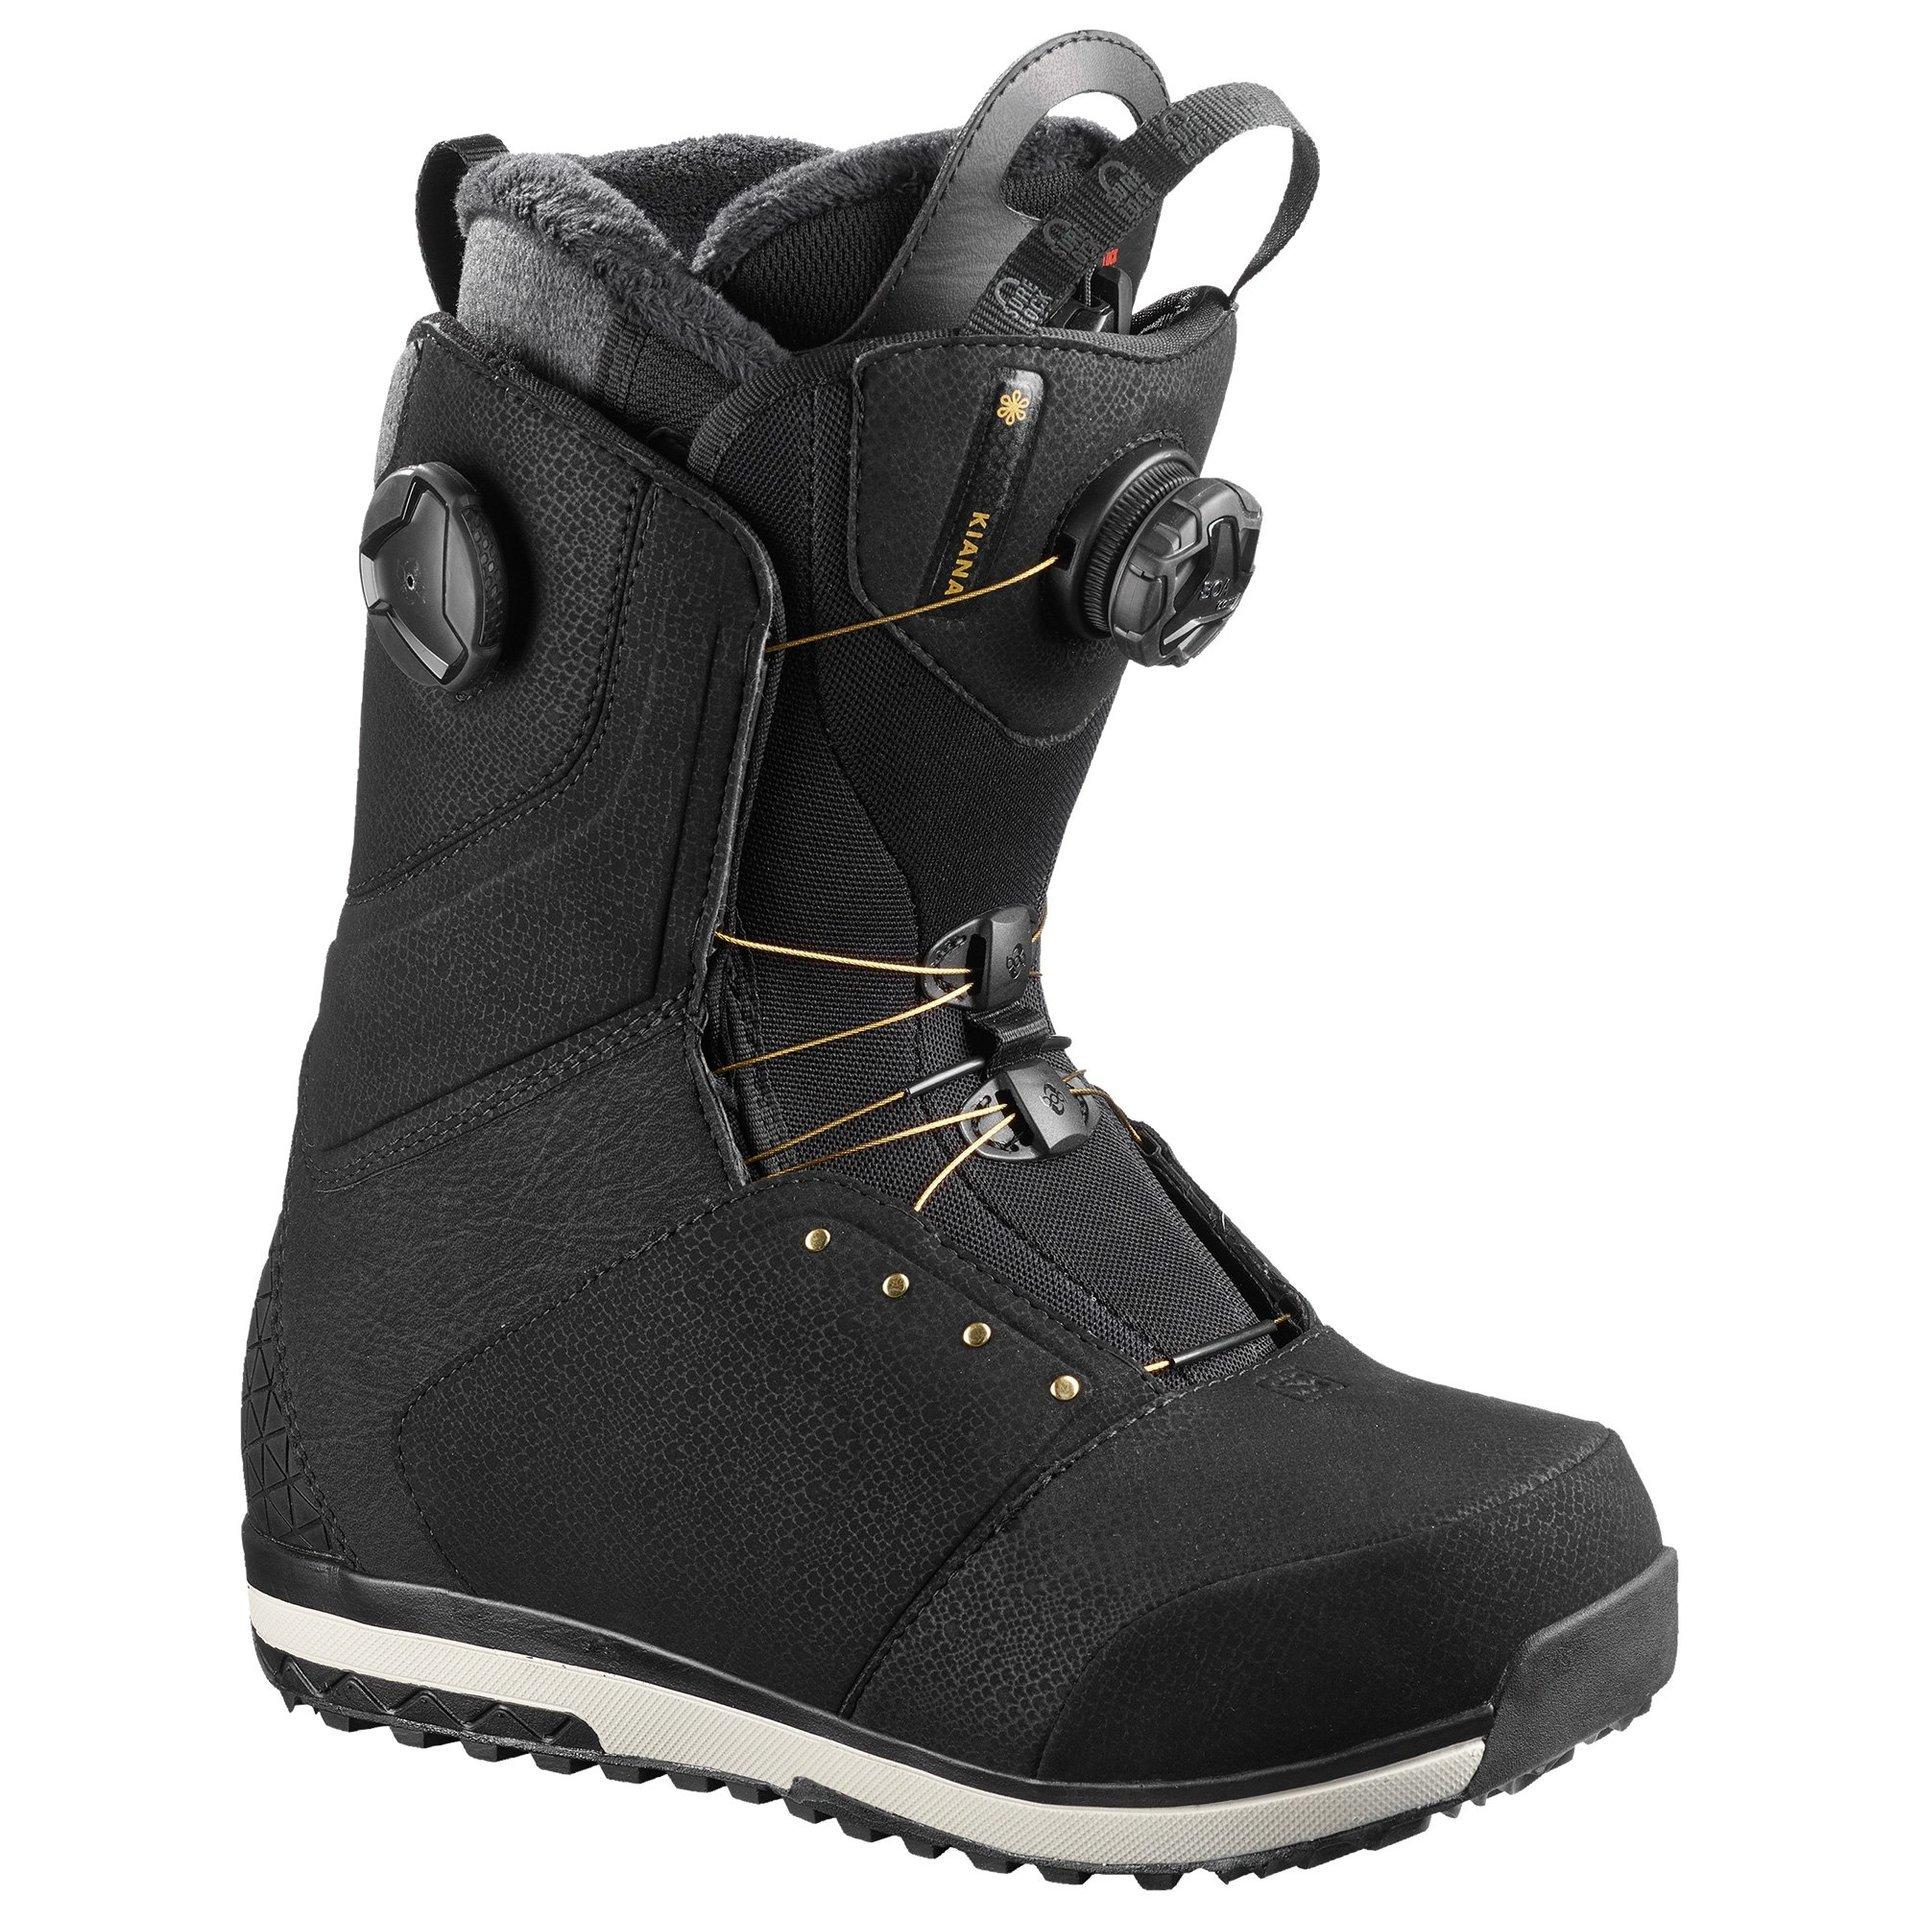 BUTY SNOWBOARDOWE SALOMON KIANA FOCUS BOA 402864 BLACK 1